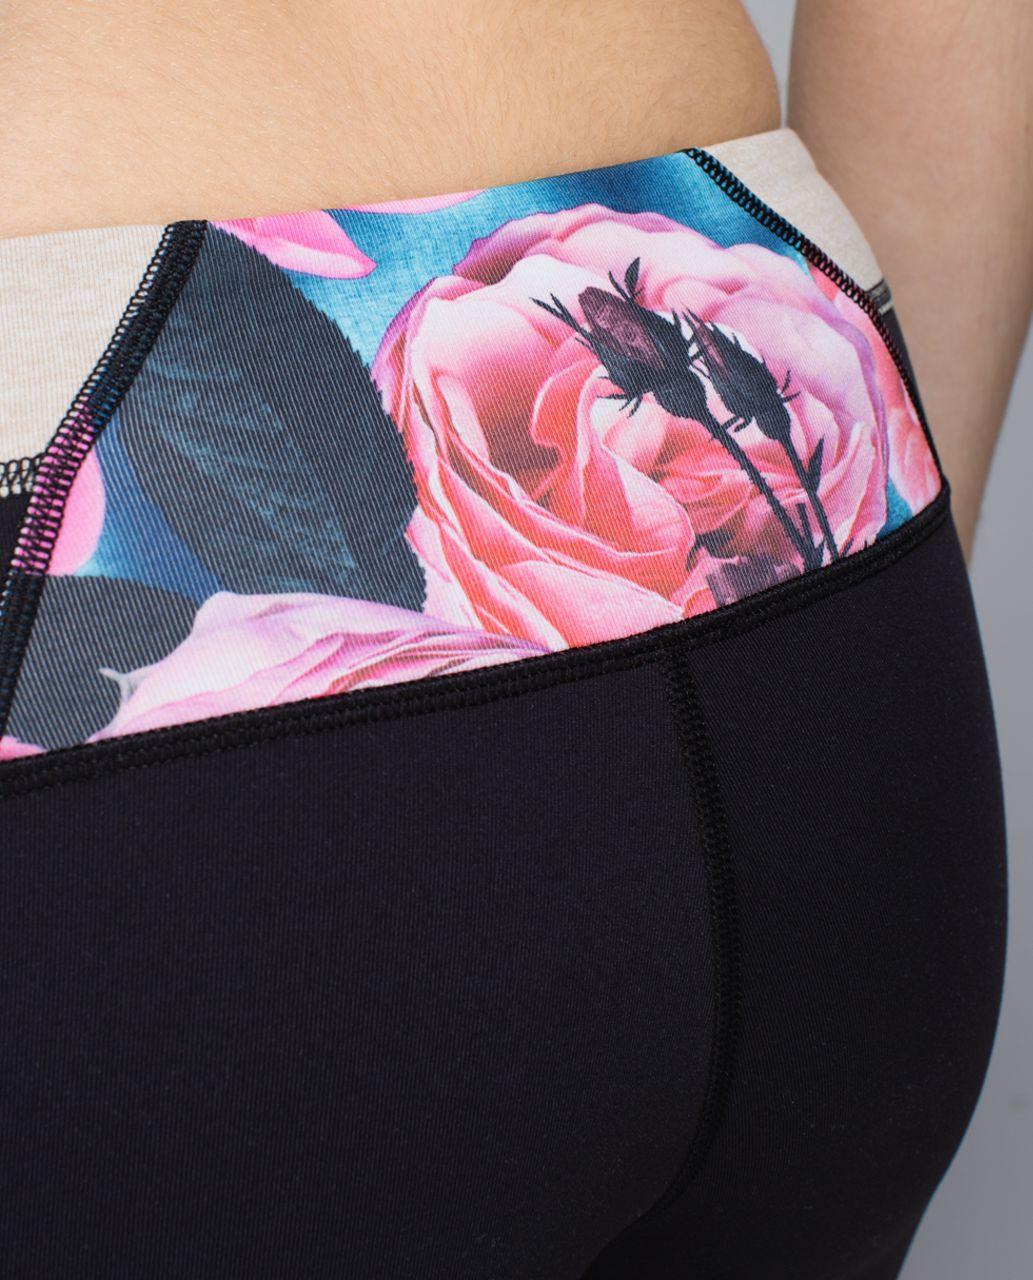 Lululemon Wunder Under Pant *Full-On Luon - Black / Quilt Spring 14-20